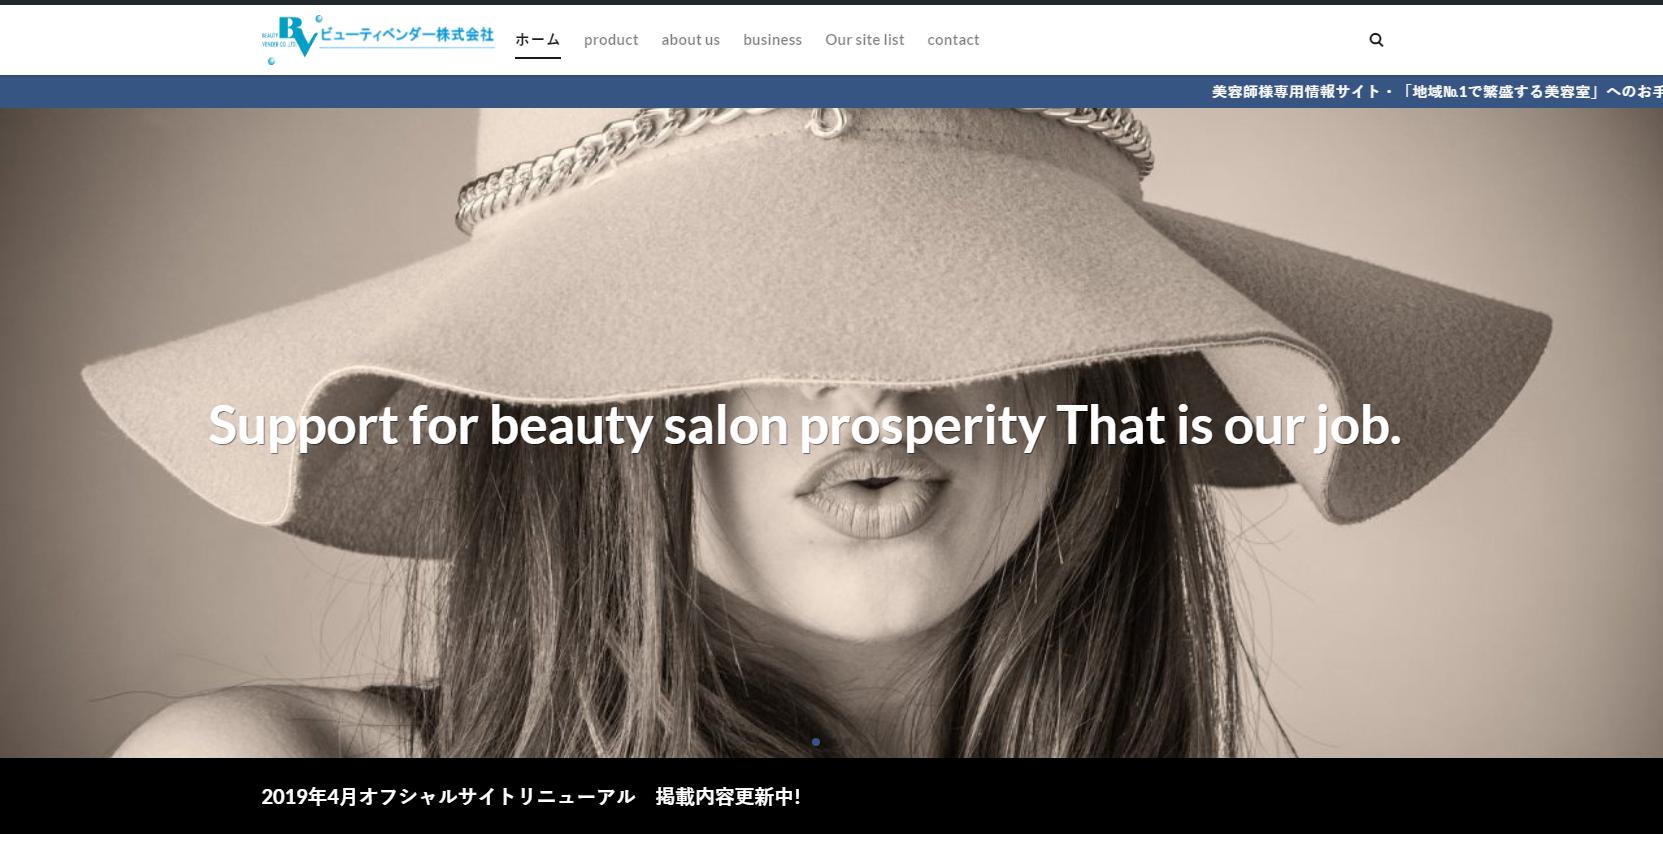 ビューティベンダー株式会社 Official site